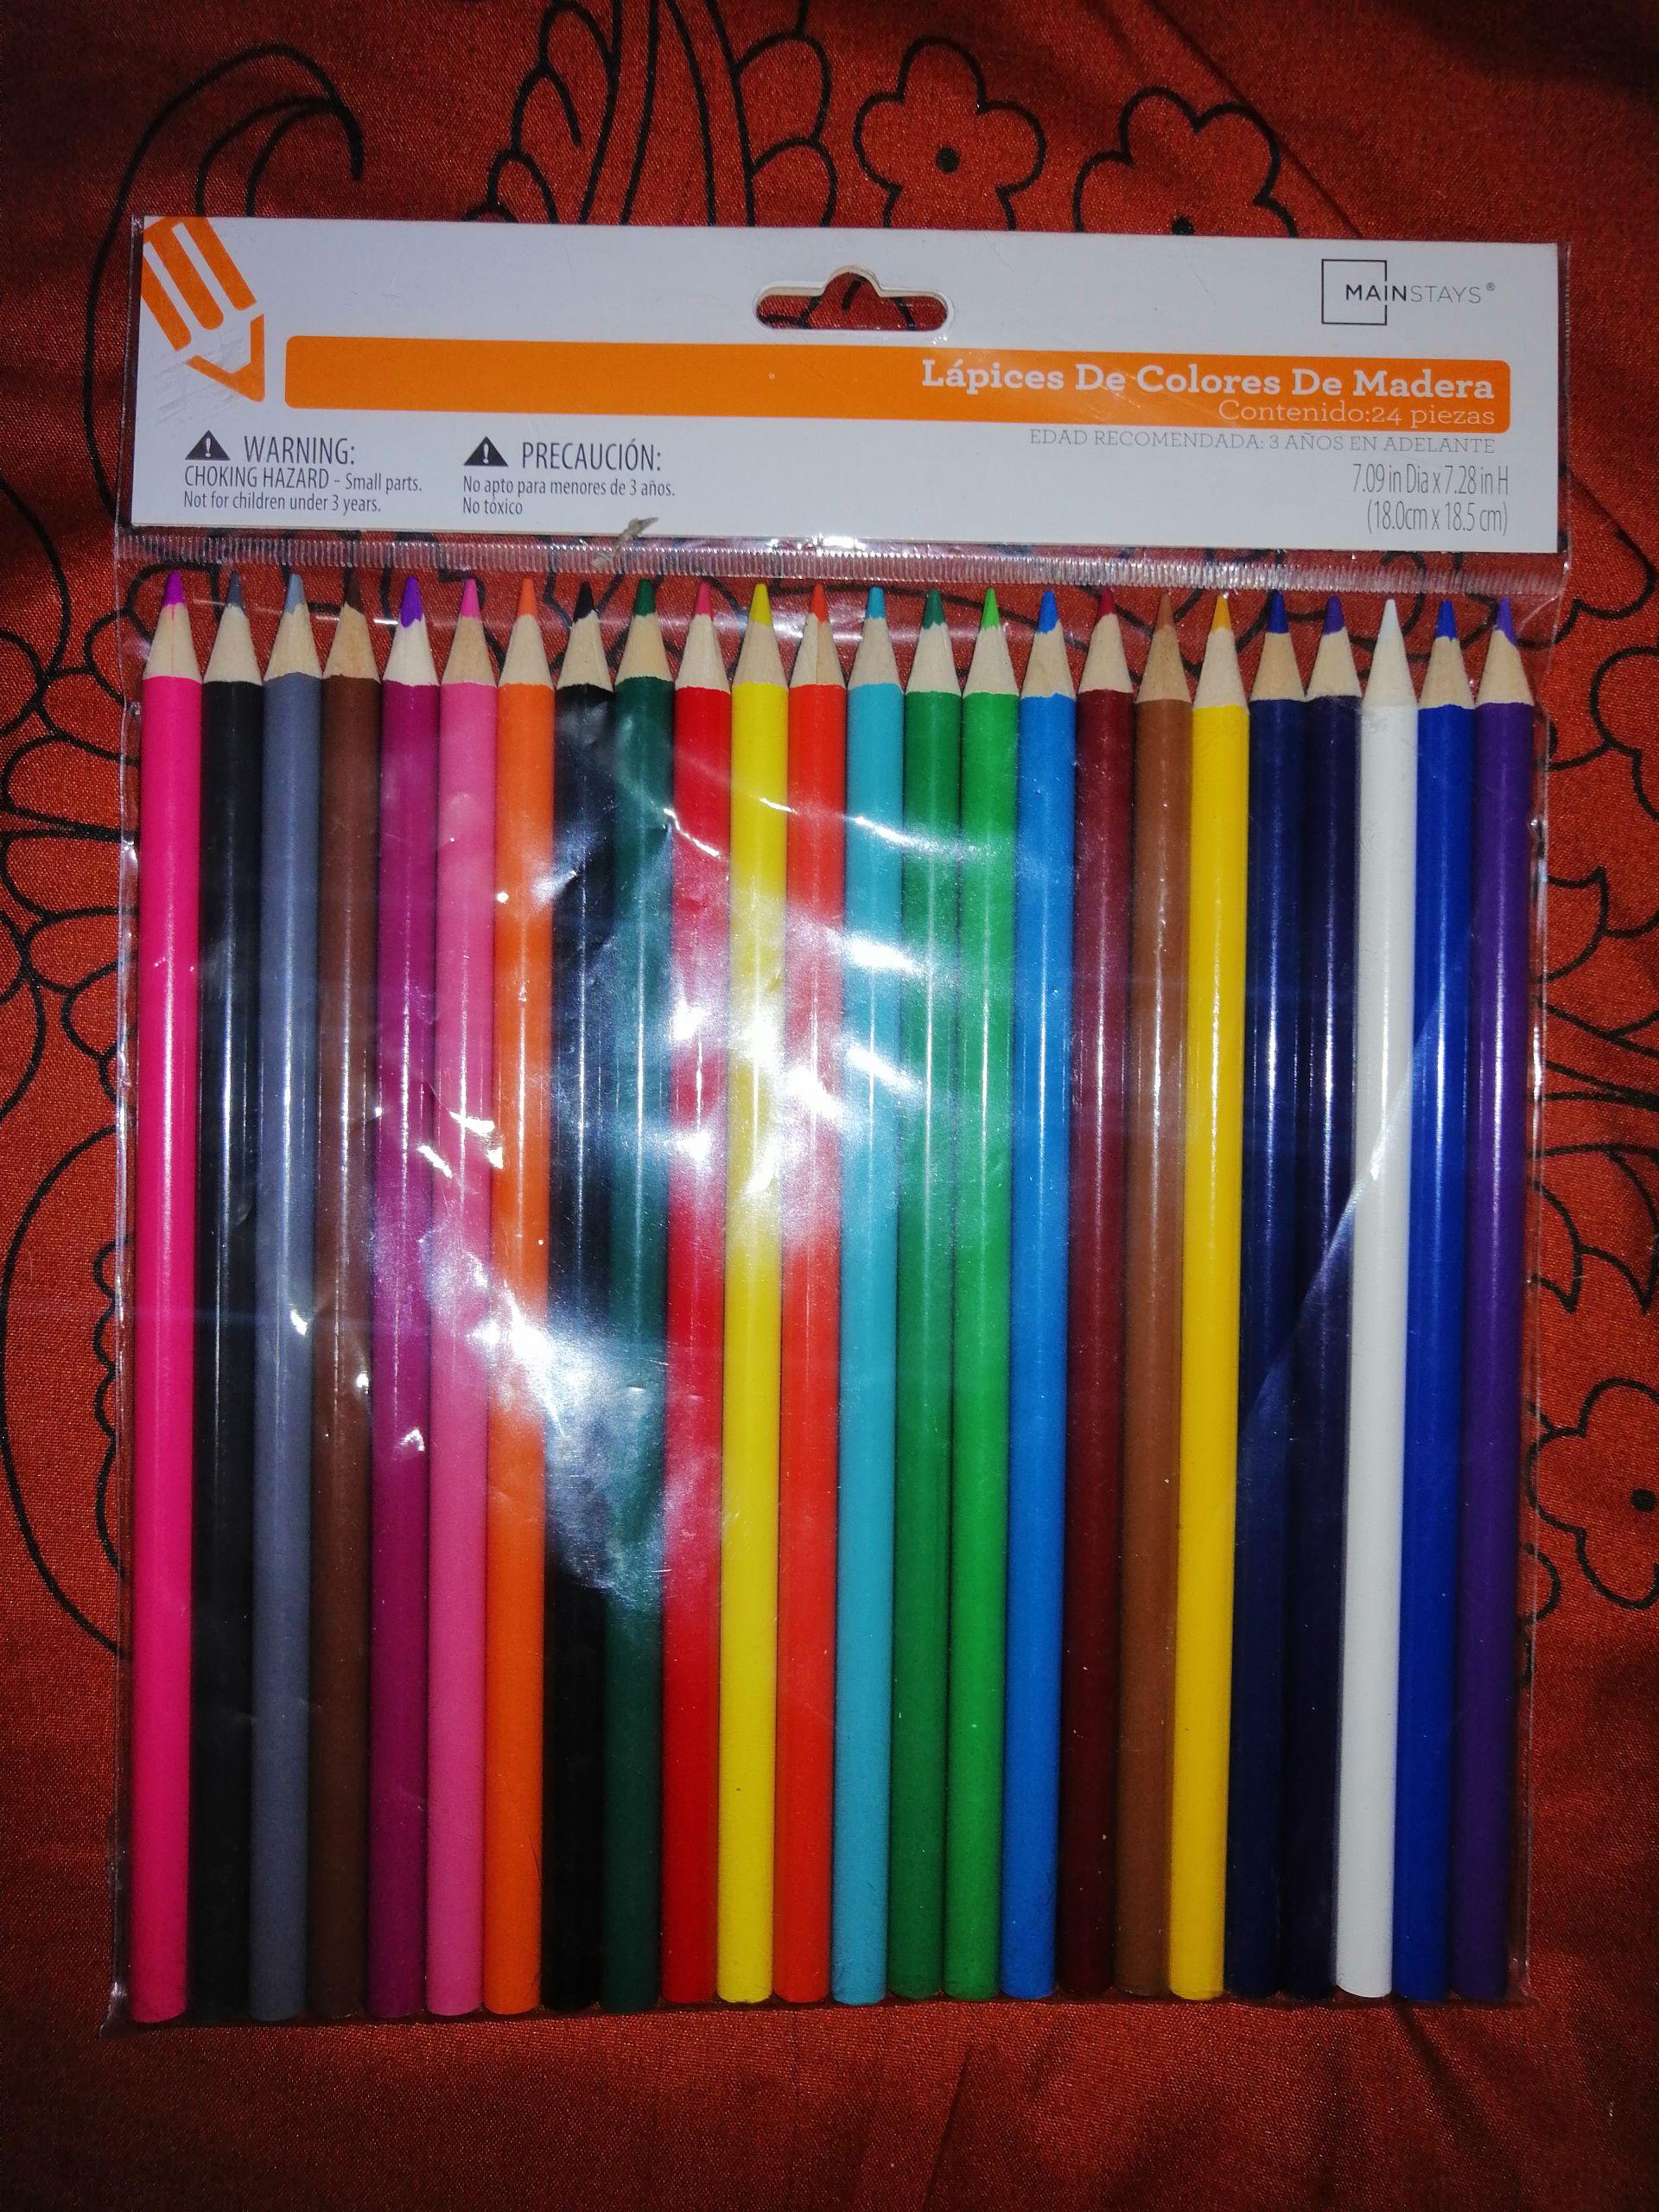 Walmart: Paquete de colores de 24 pz. marca Mainstays y Frasco de vidrio con tapa y popote